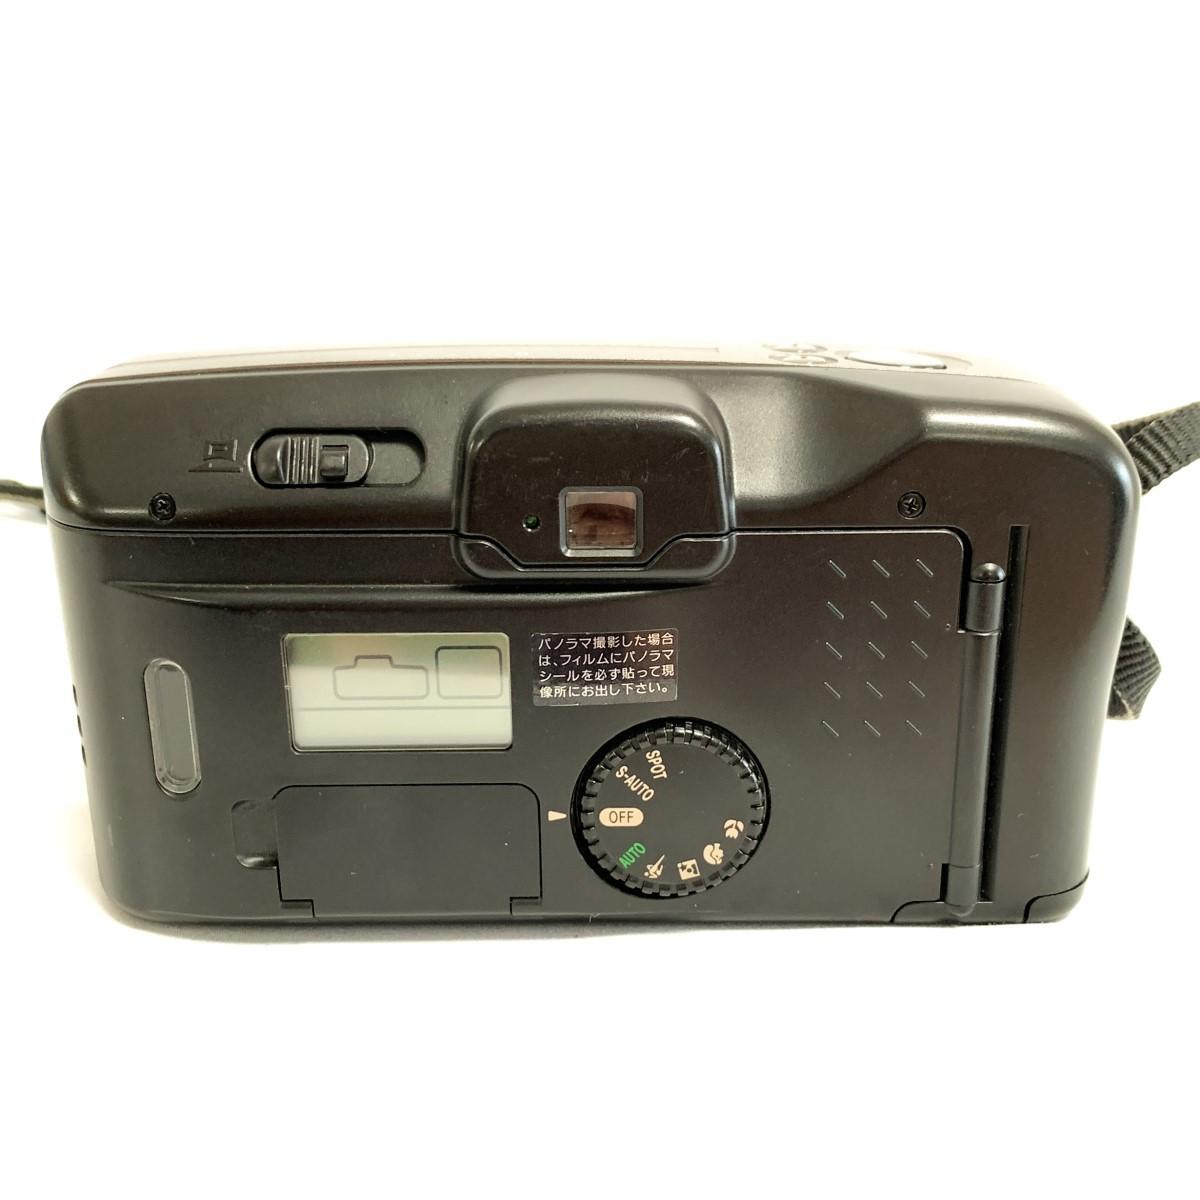 【極美品 完動品】Canon Autoboy S PANORAMA Ai AF 38-115mm 広角~望遠域レンズ パノラマ撮影 キャノン コンパクトフィルムカメラ C424_画像4